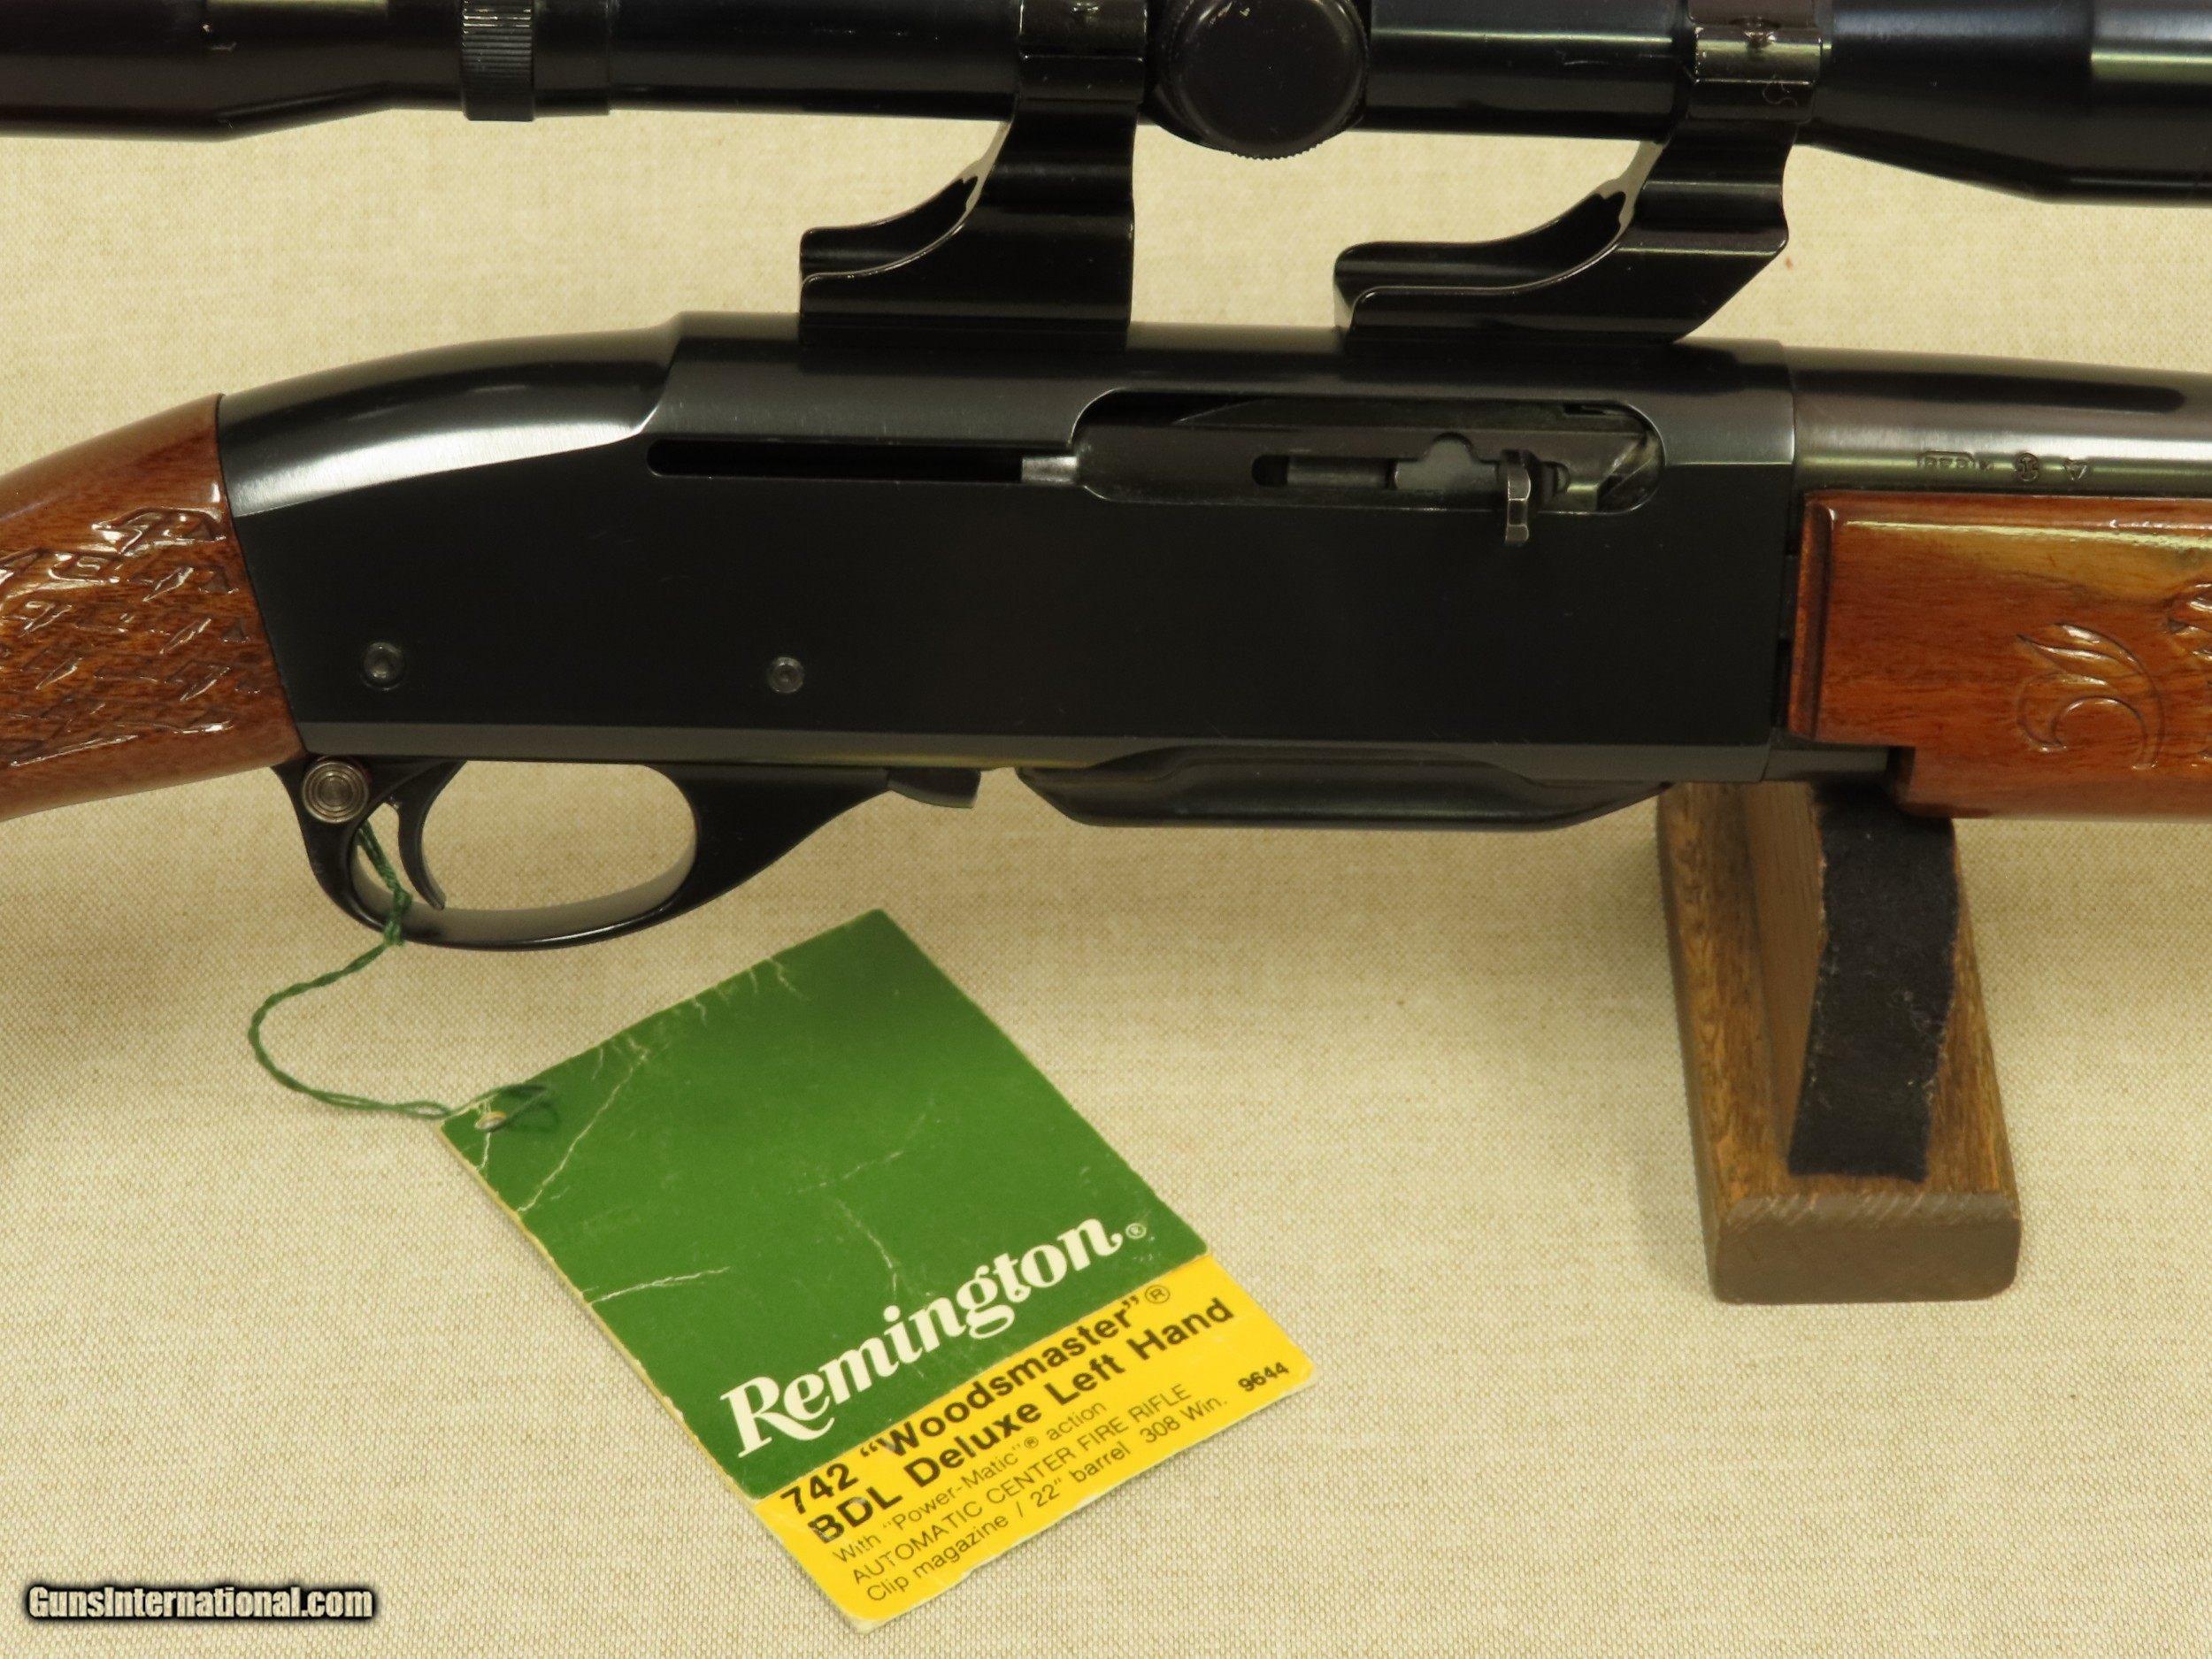 1977 Remington Woodsmaster Model 742 BDL Deluxe Left Handed